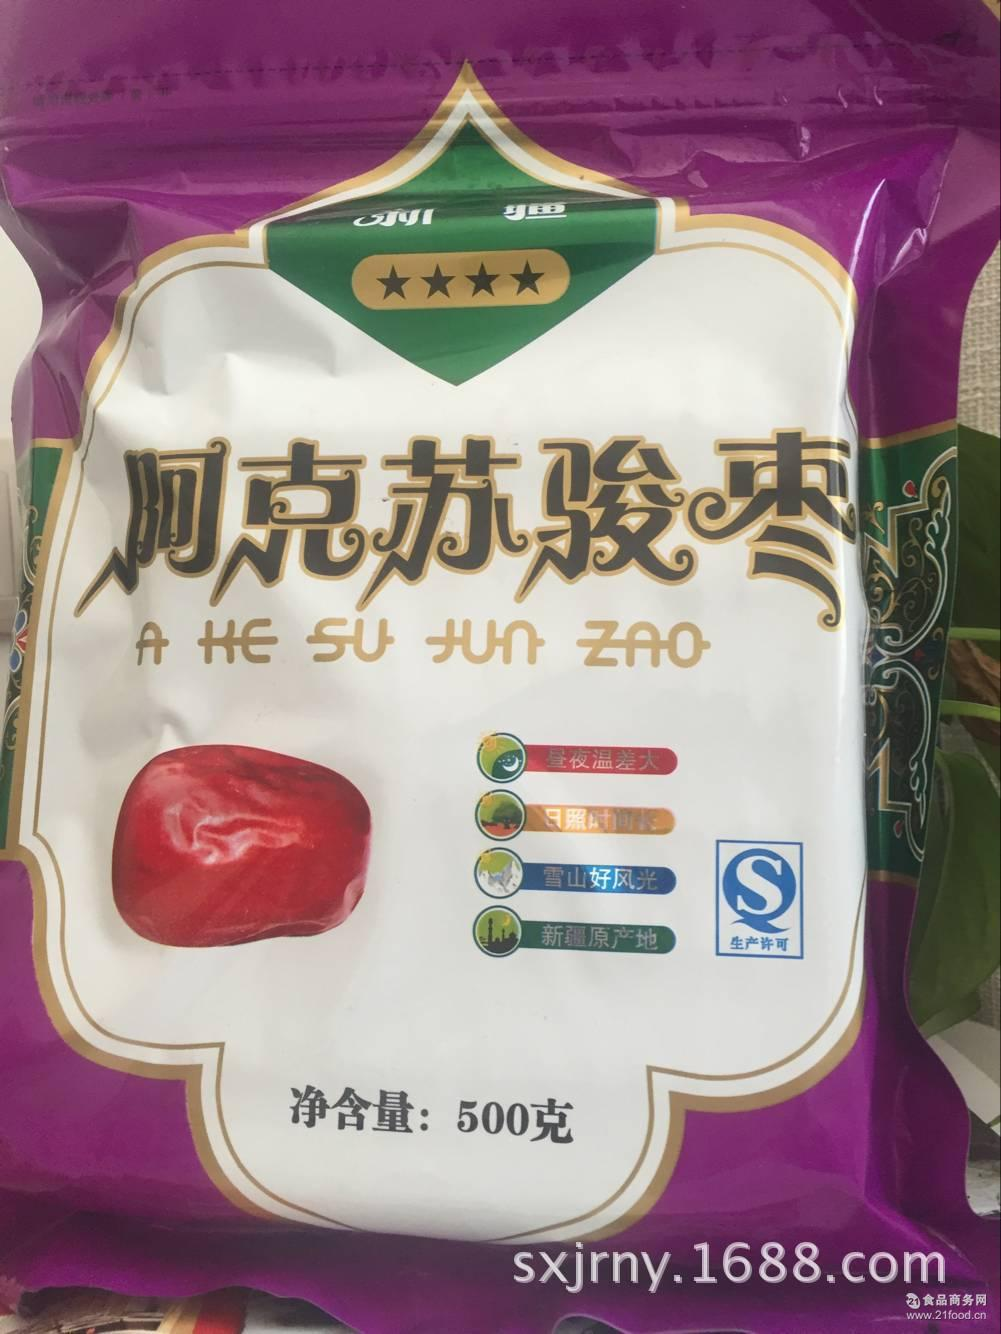 骏枣 特价袋装即食零食干枣厂家直销 500g三级四星新疆阿克苏干枣